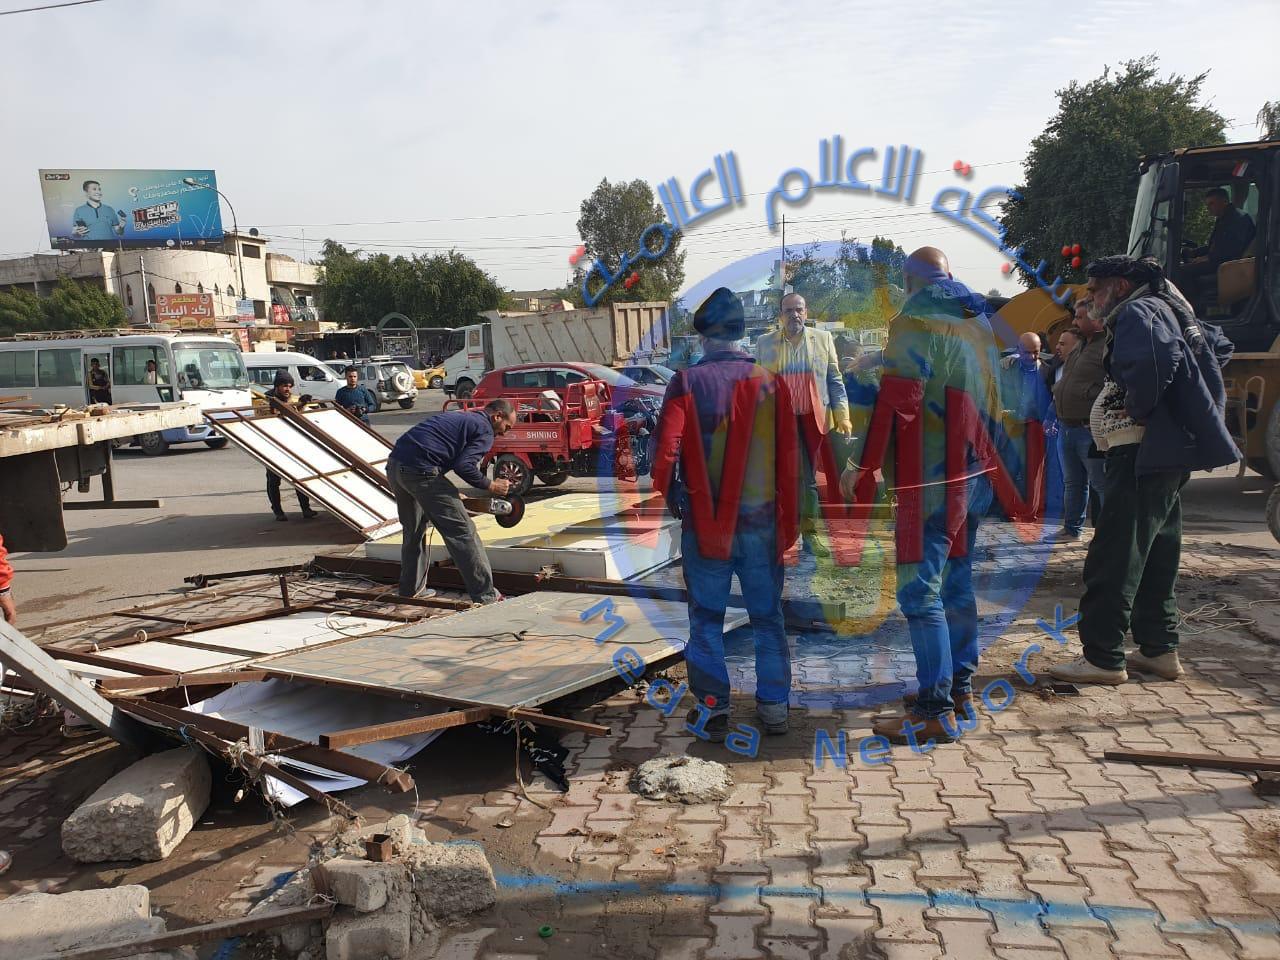 أمانة بغداد تعلن عن المباشرة بتطوير شارع 30 شمال بغداد